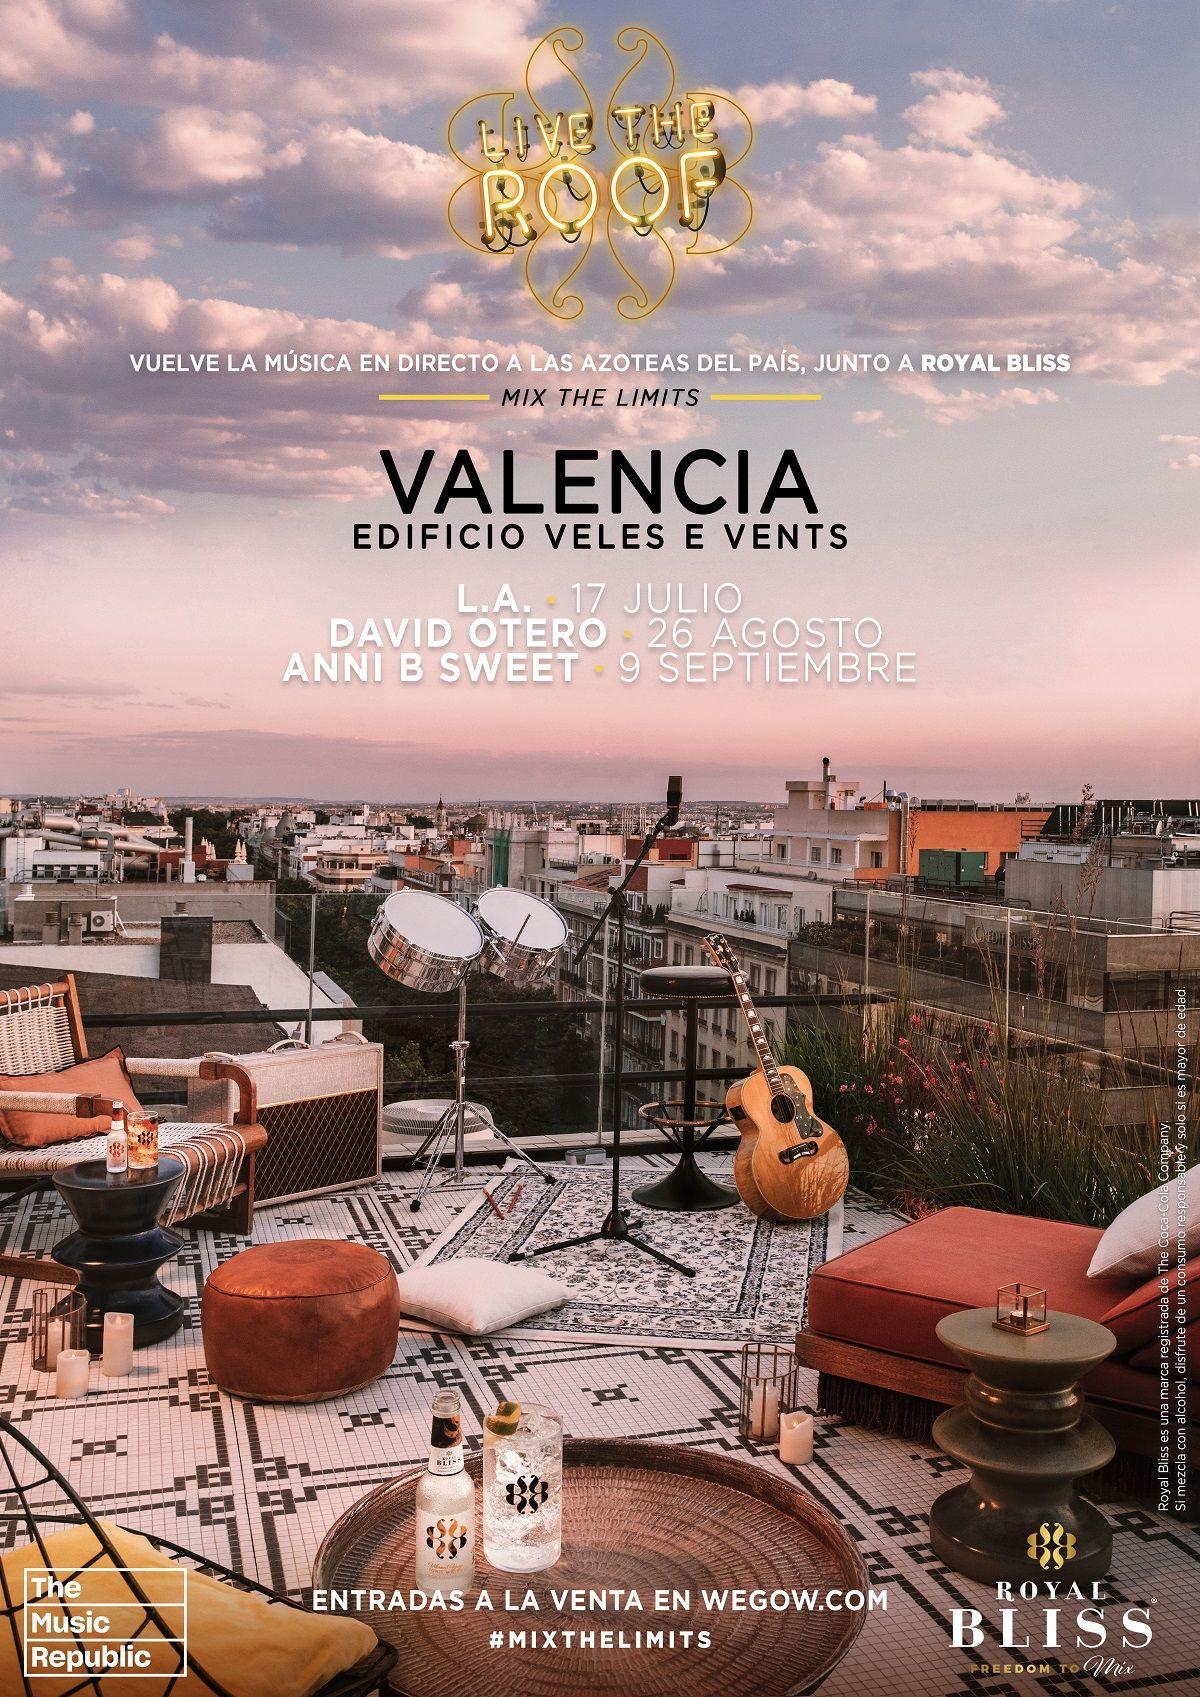 Conciertos en la azotea al atardecer, Live The Roof valencia